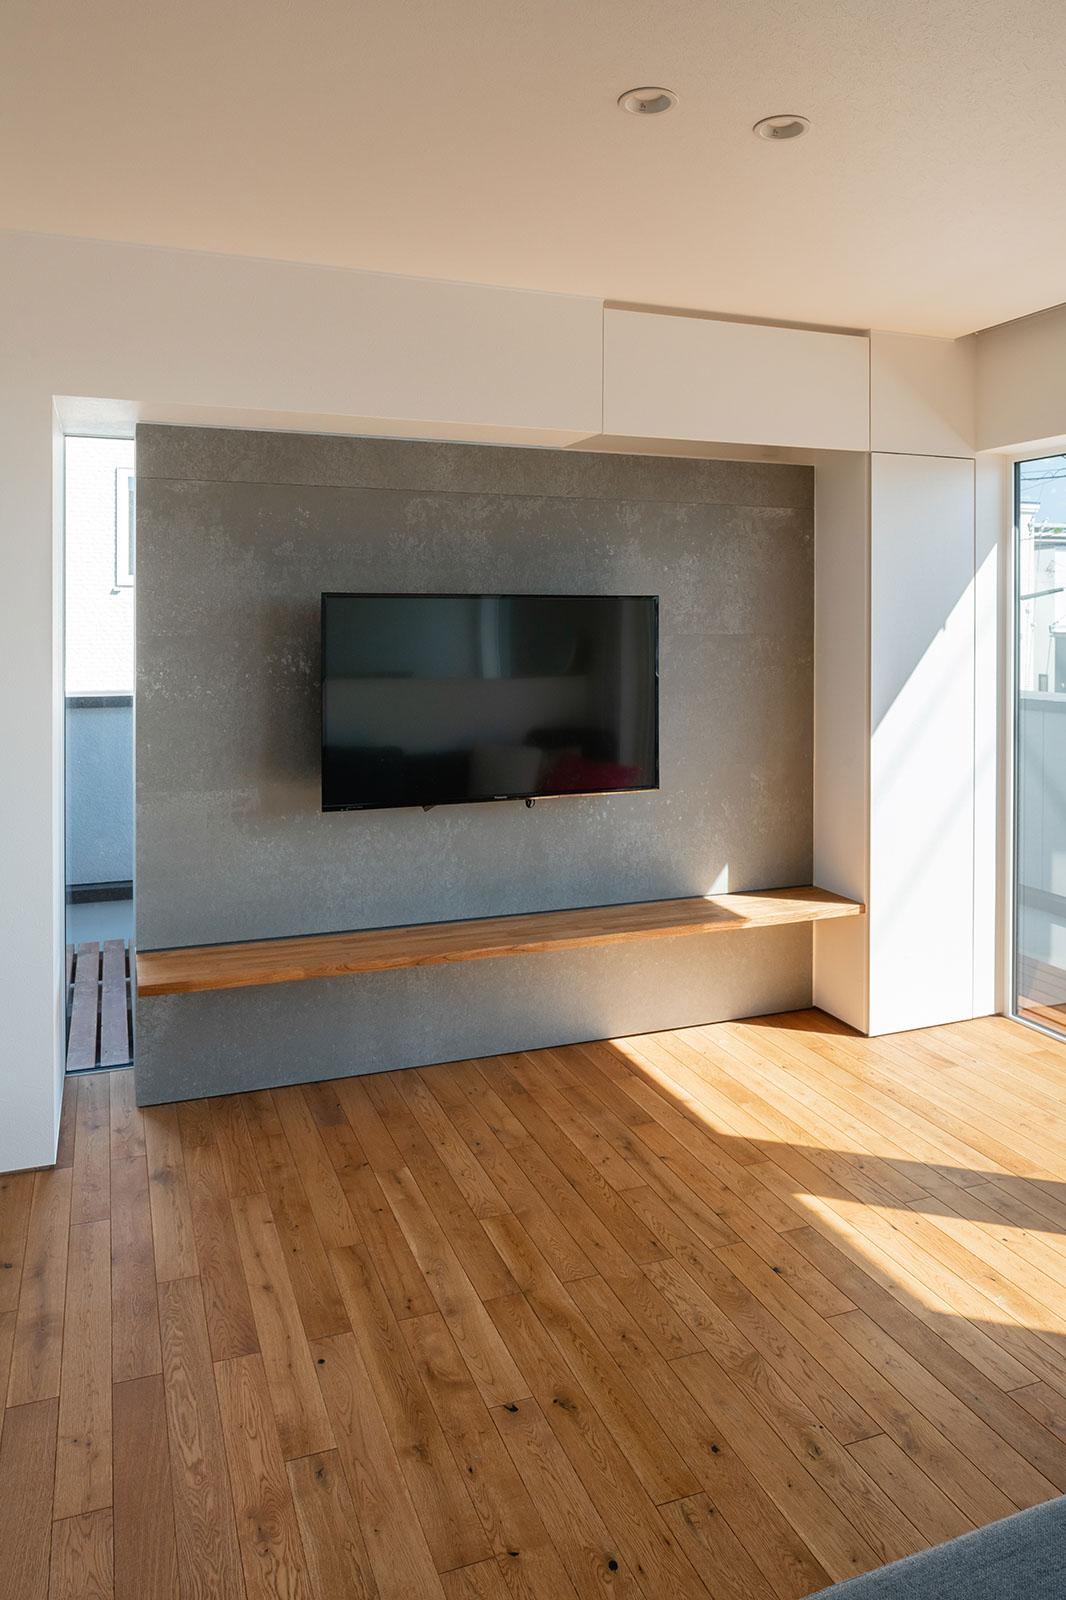 テレビ収納は壁と一体化するように造作し、アクセントウォールまわりはスッキリと美しく